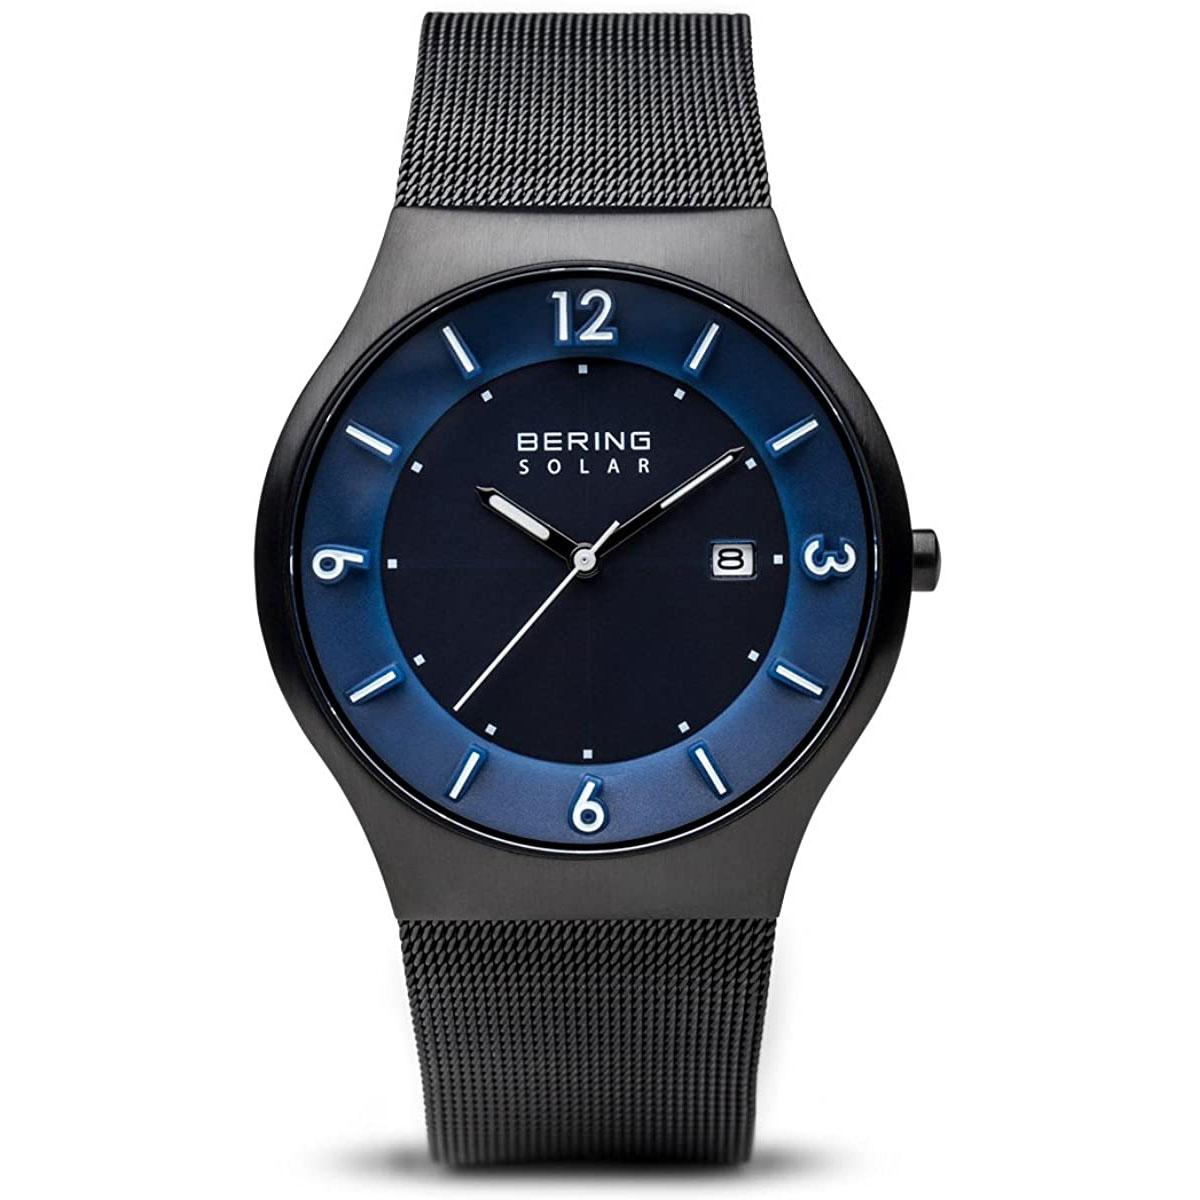 Bering-Herren-Analog-Solar-Uhr-mit-Edelstahl-Armband-14440-227